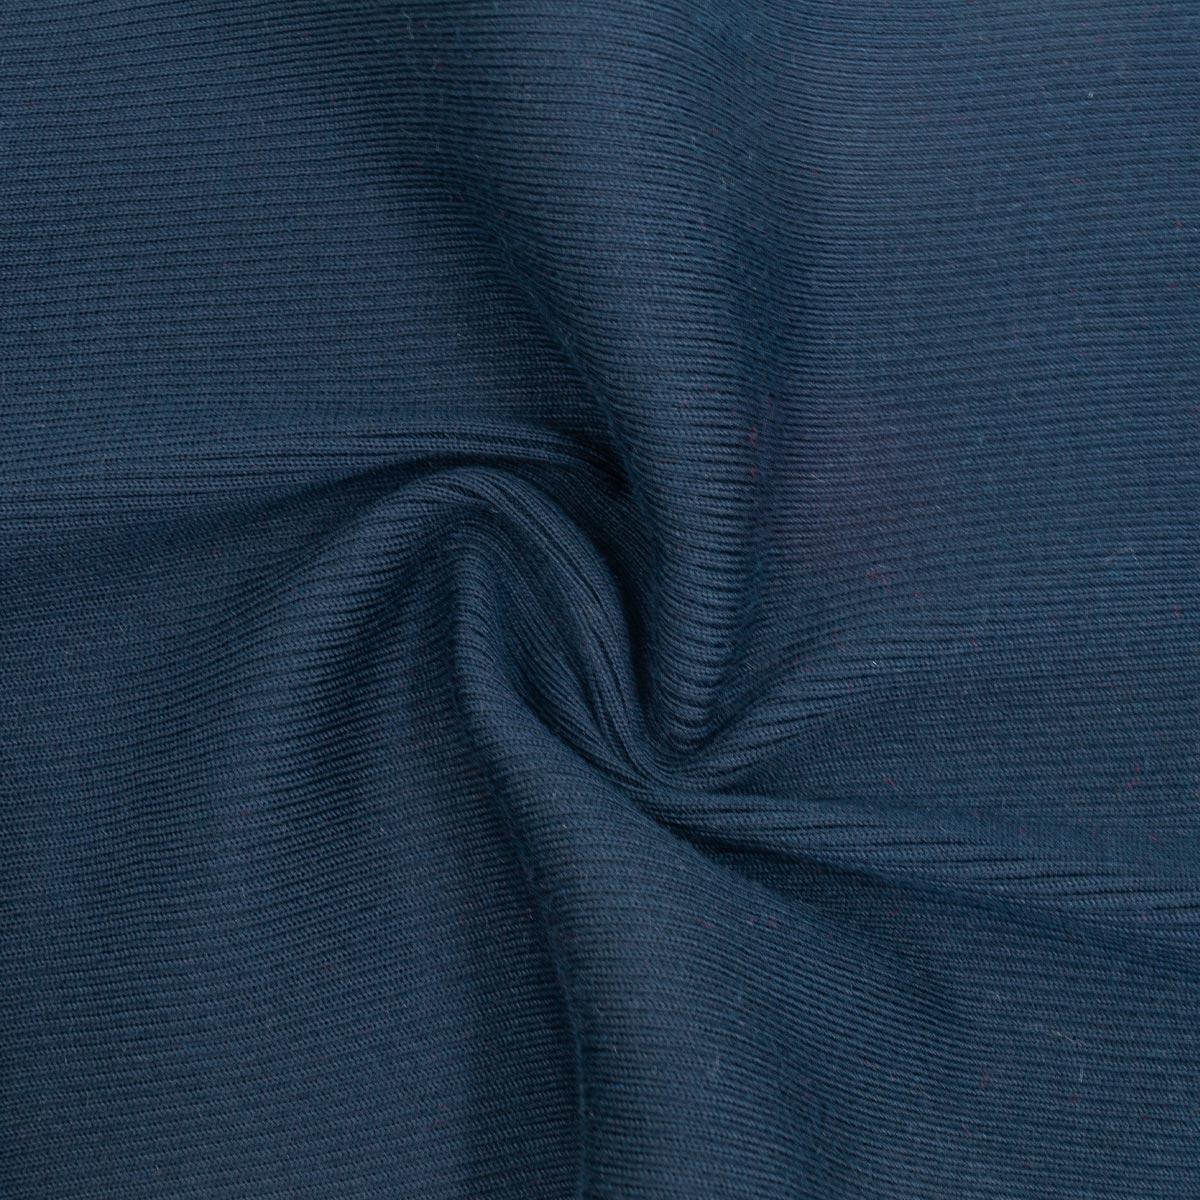 Полотно трикотажное акрил плотное ш. 40см, от 2м